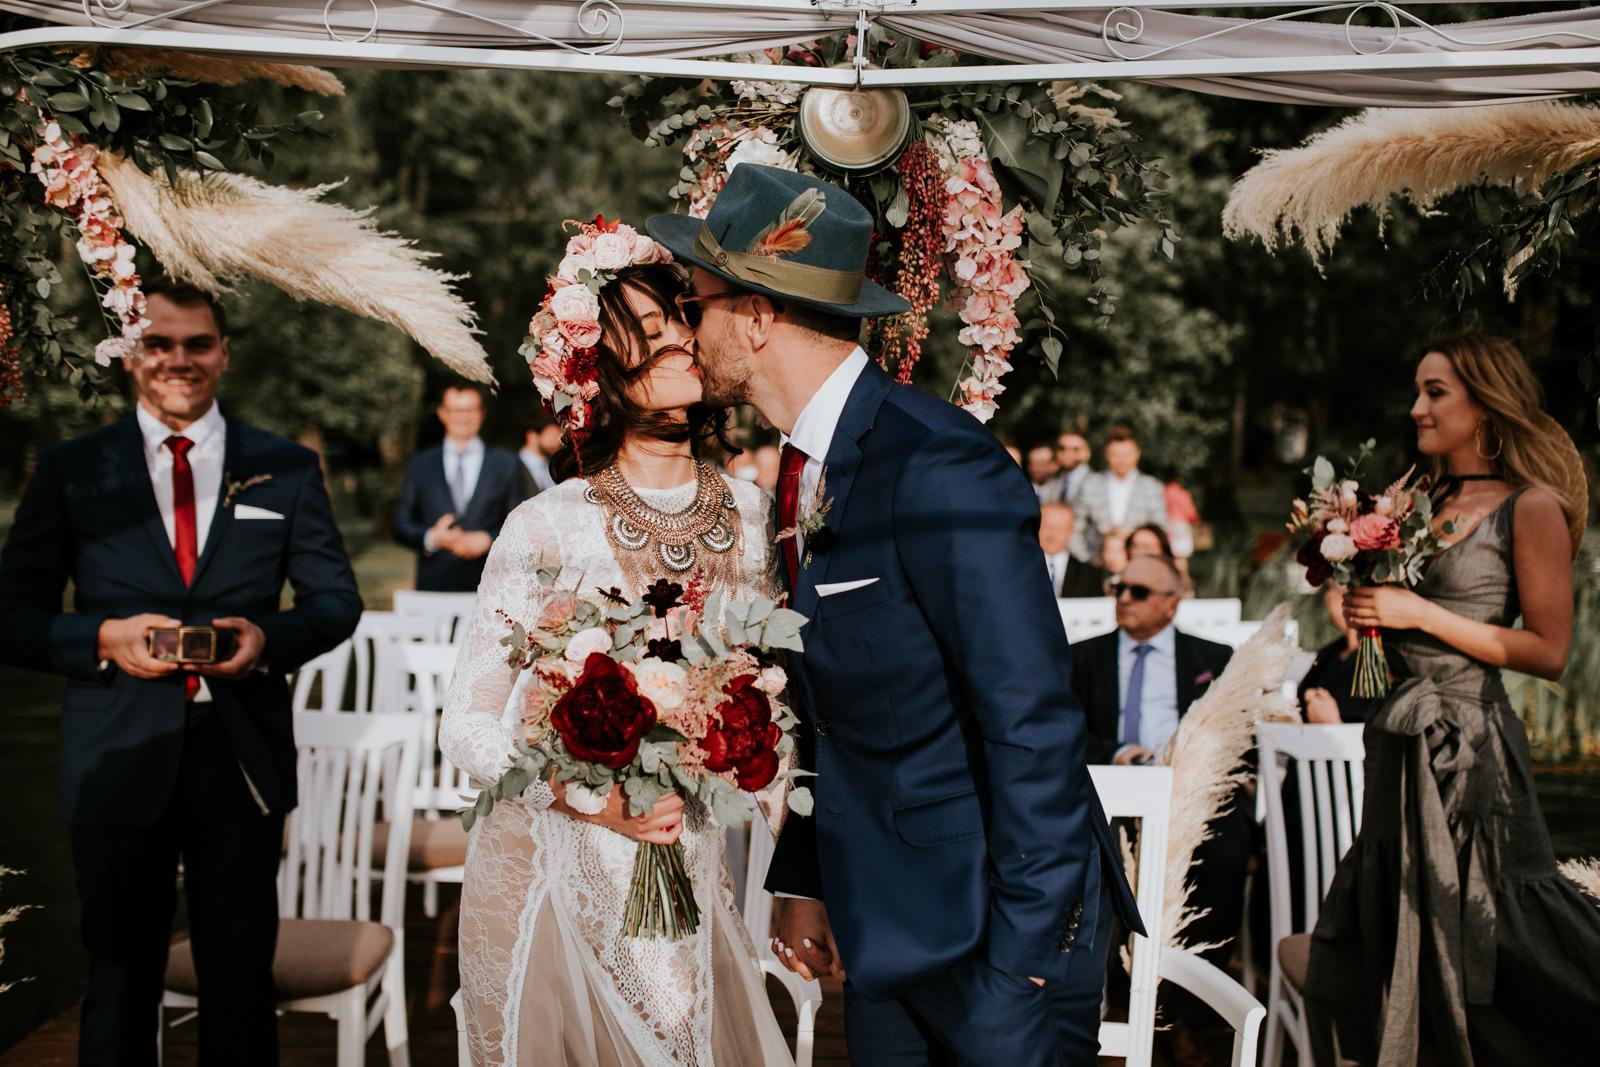 fotograf ślubny, ślub w plenerze, ślub na mazurach, jabłoń lake resort, ślub boho, fotograf warszawa, fotograf mazury, fotograf kraków